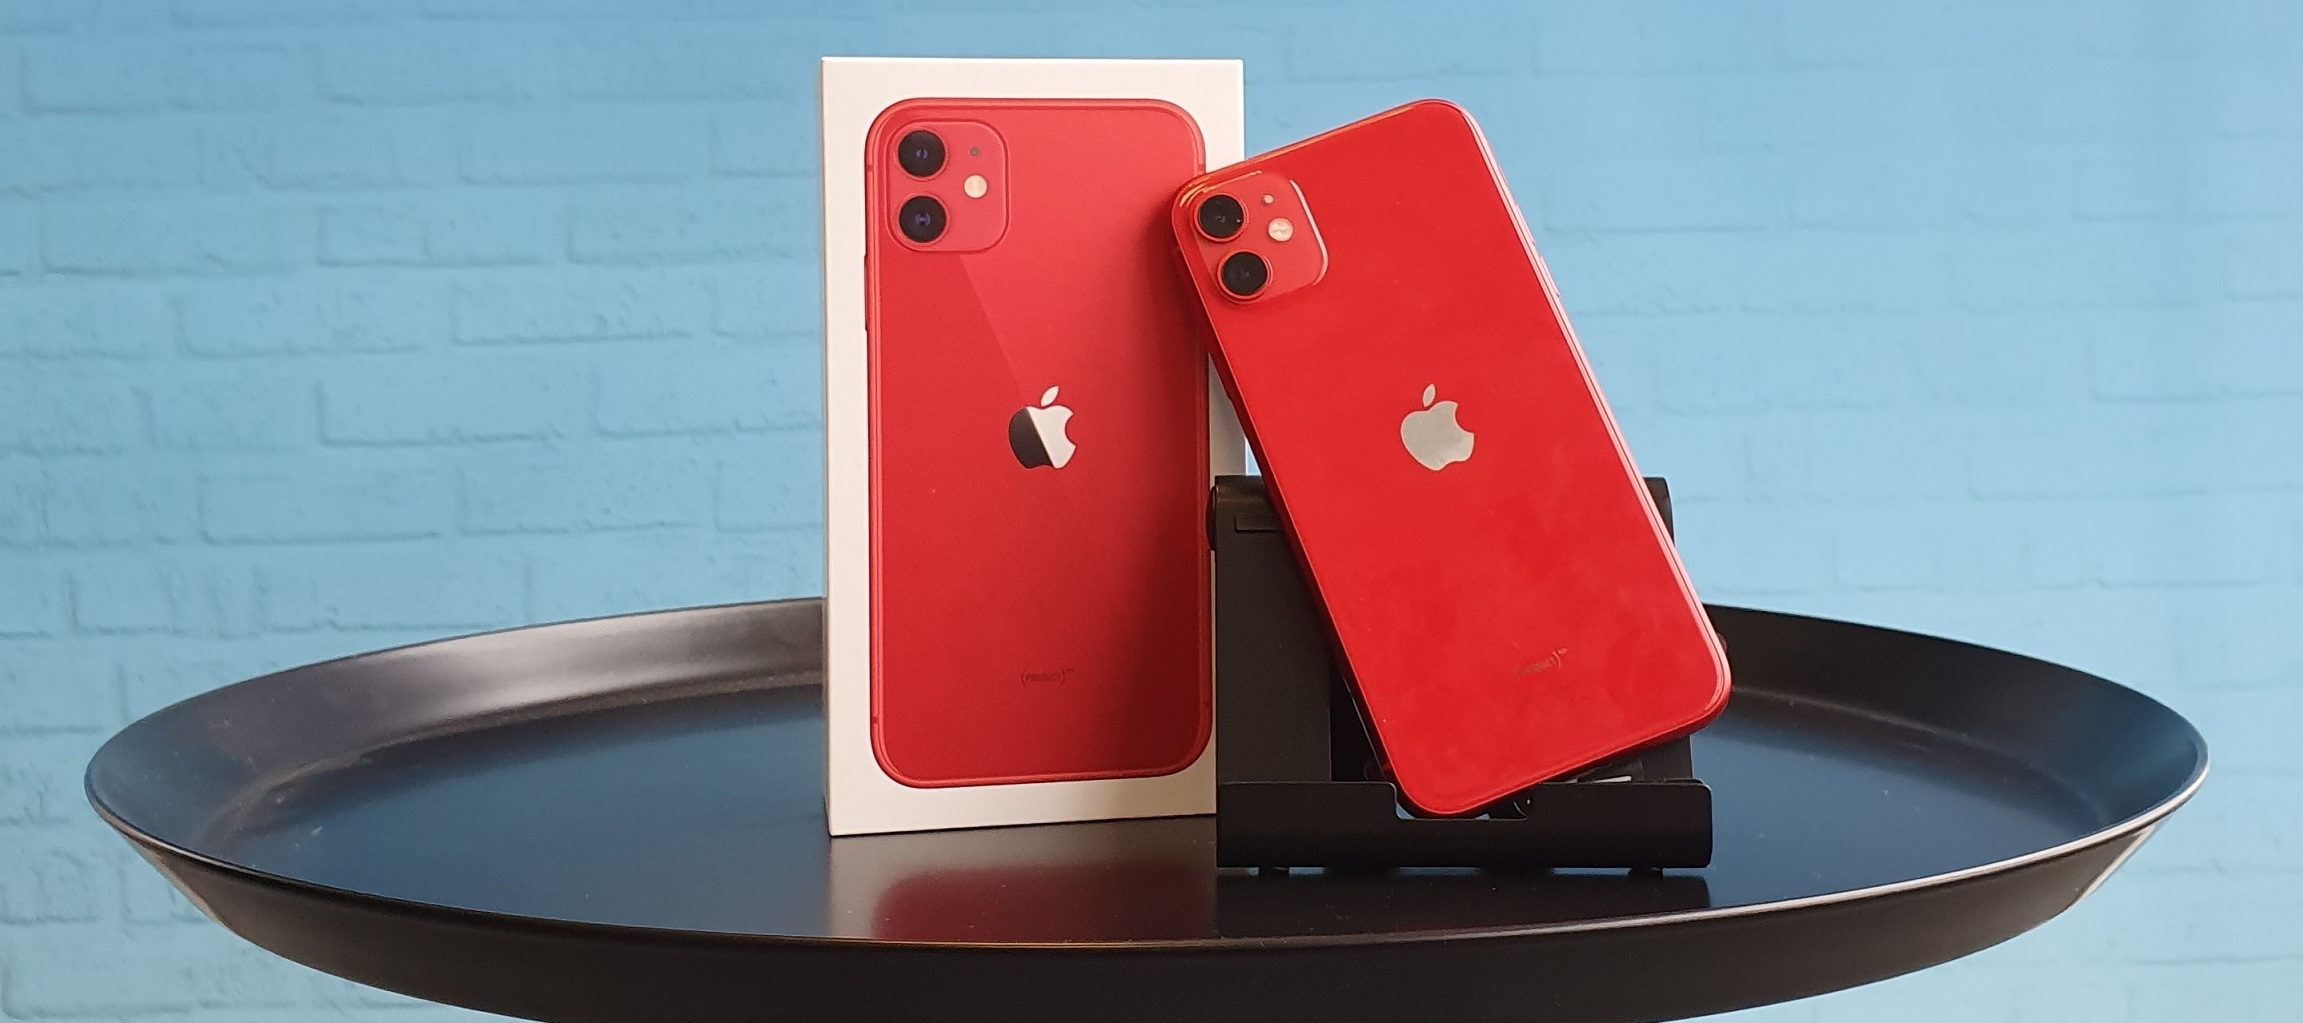 iPhone 11 Testgerät: Ein knalliger roter Apfel zum Anbeißen! Jetzt bewerben und Tester/in werden!